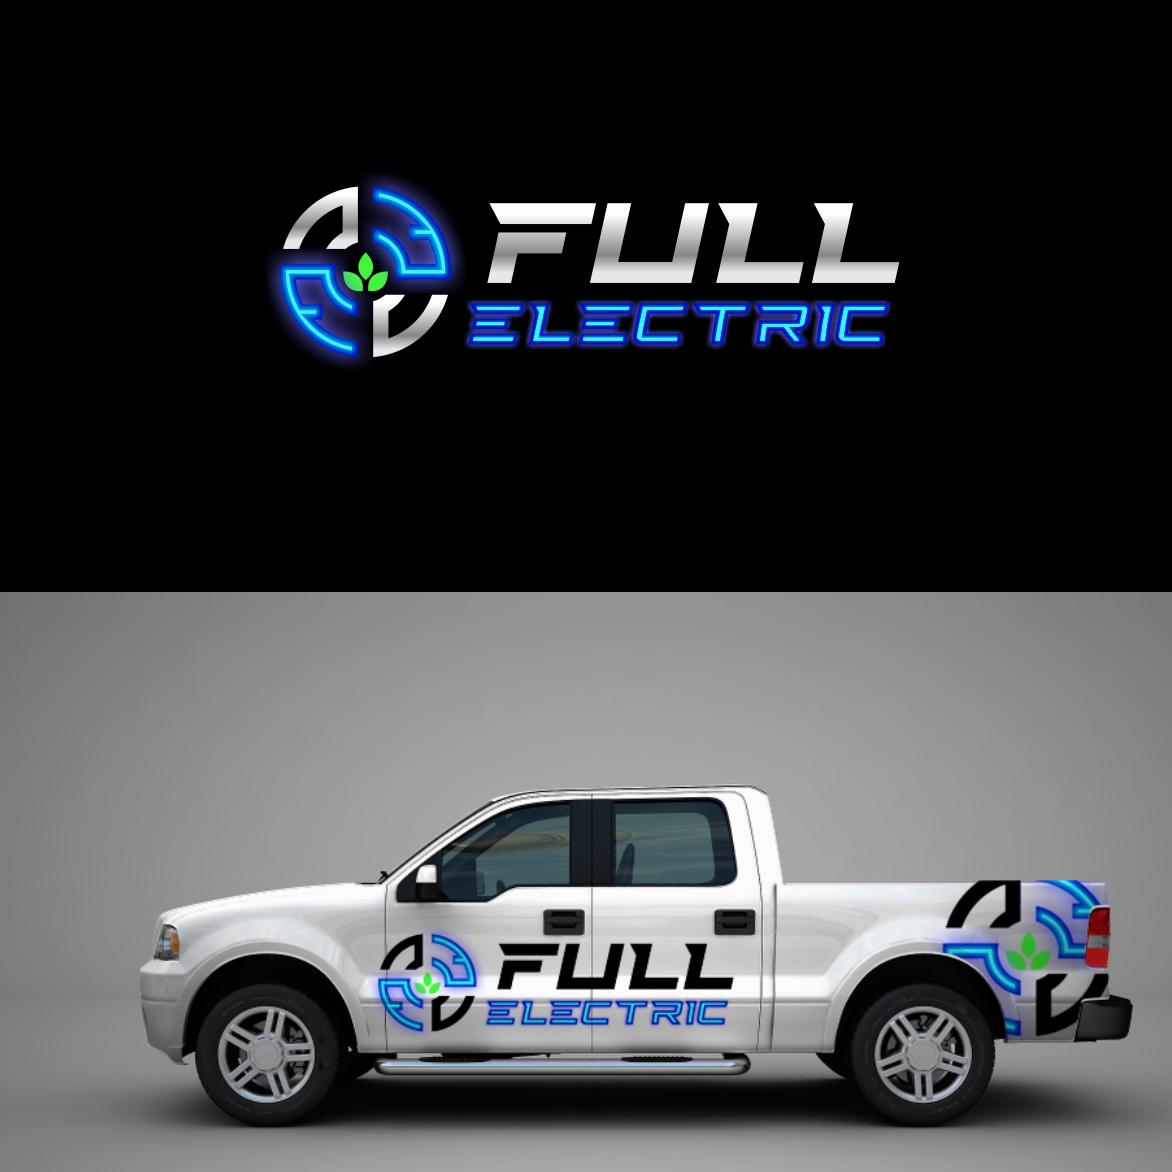 A neon futuristic logo